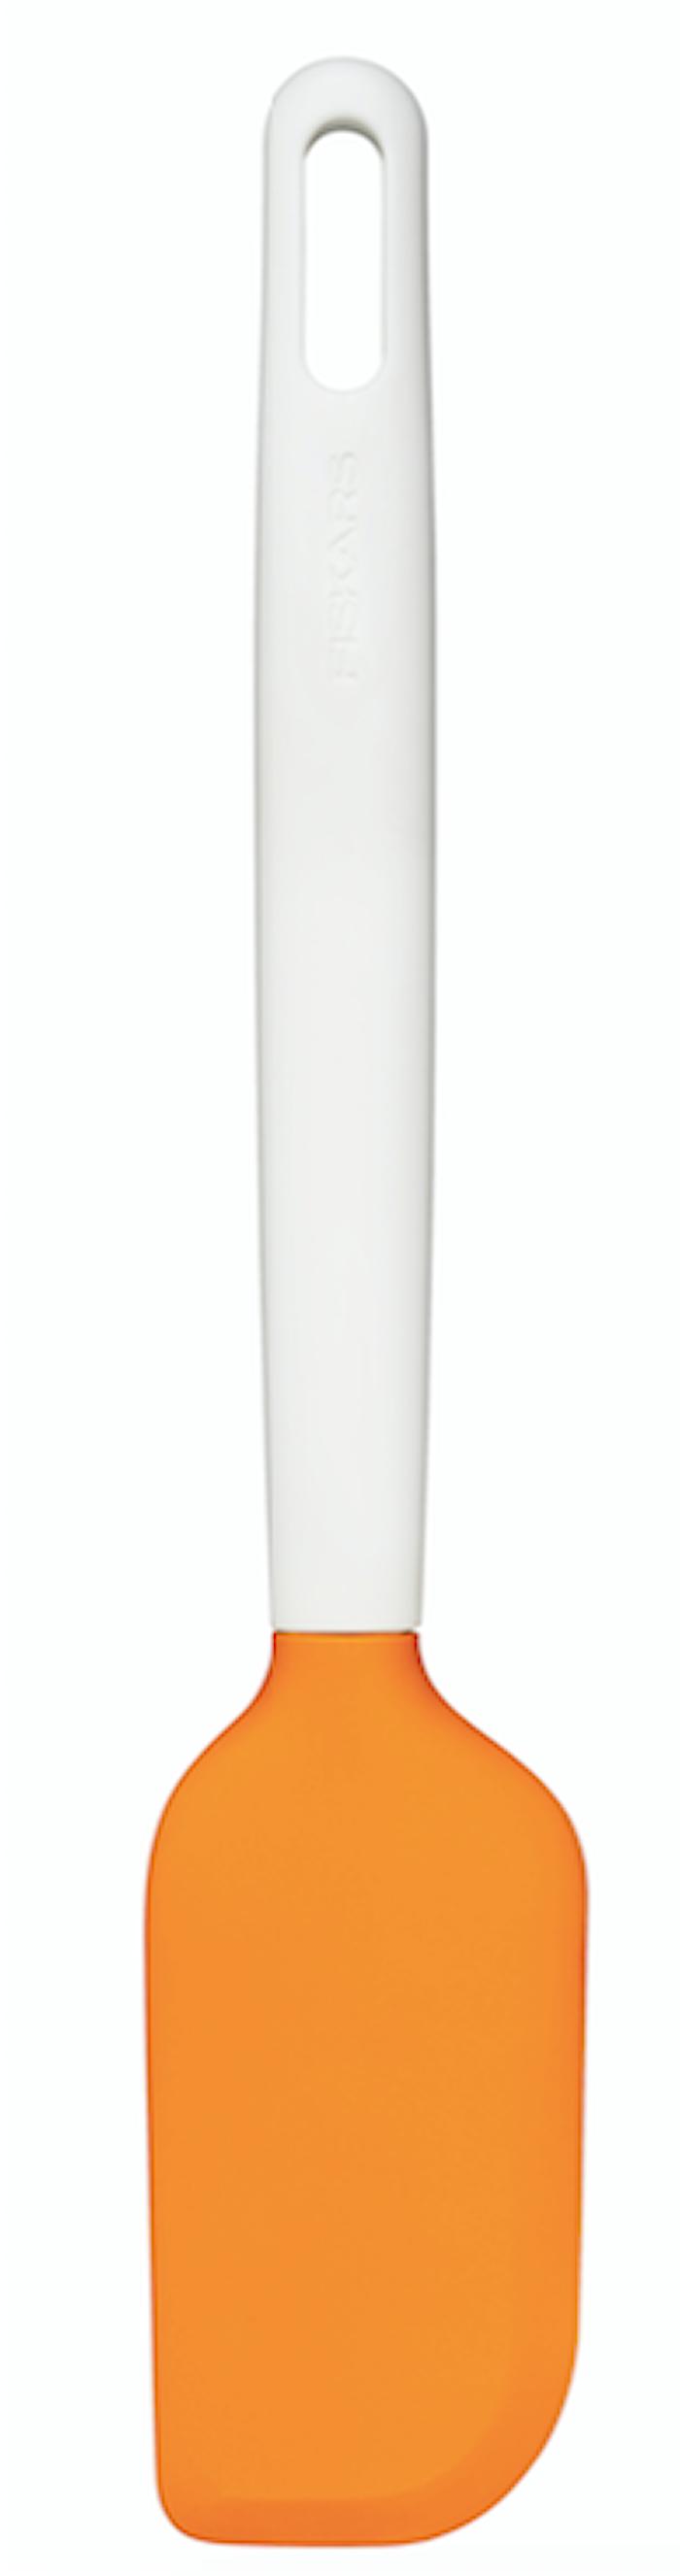 FF Slikkepott 26,5 cm